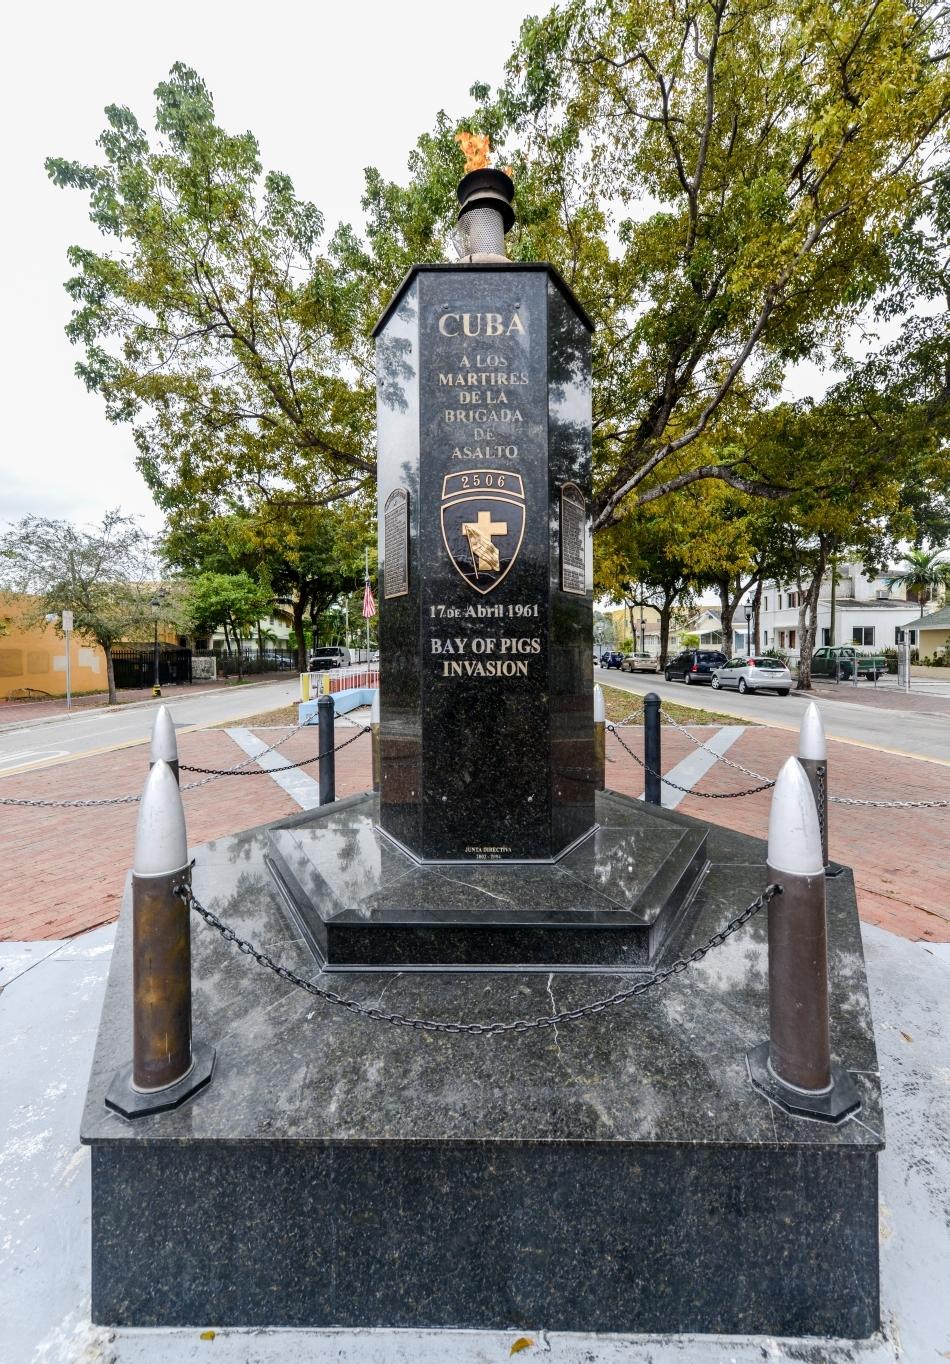 Monumentul din Little Havana, Florida, care comemorează invazia nereuşită a Cubei